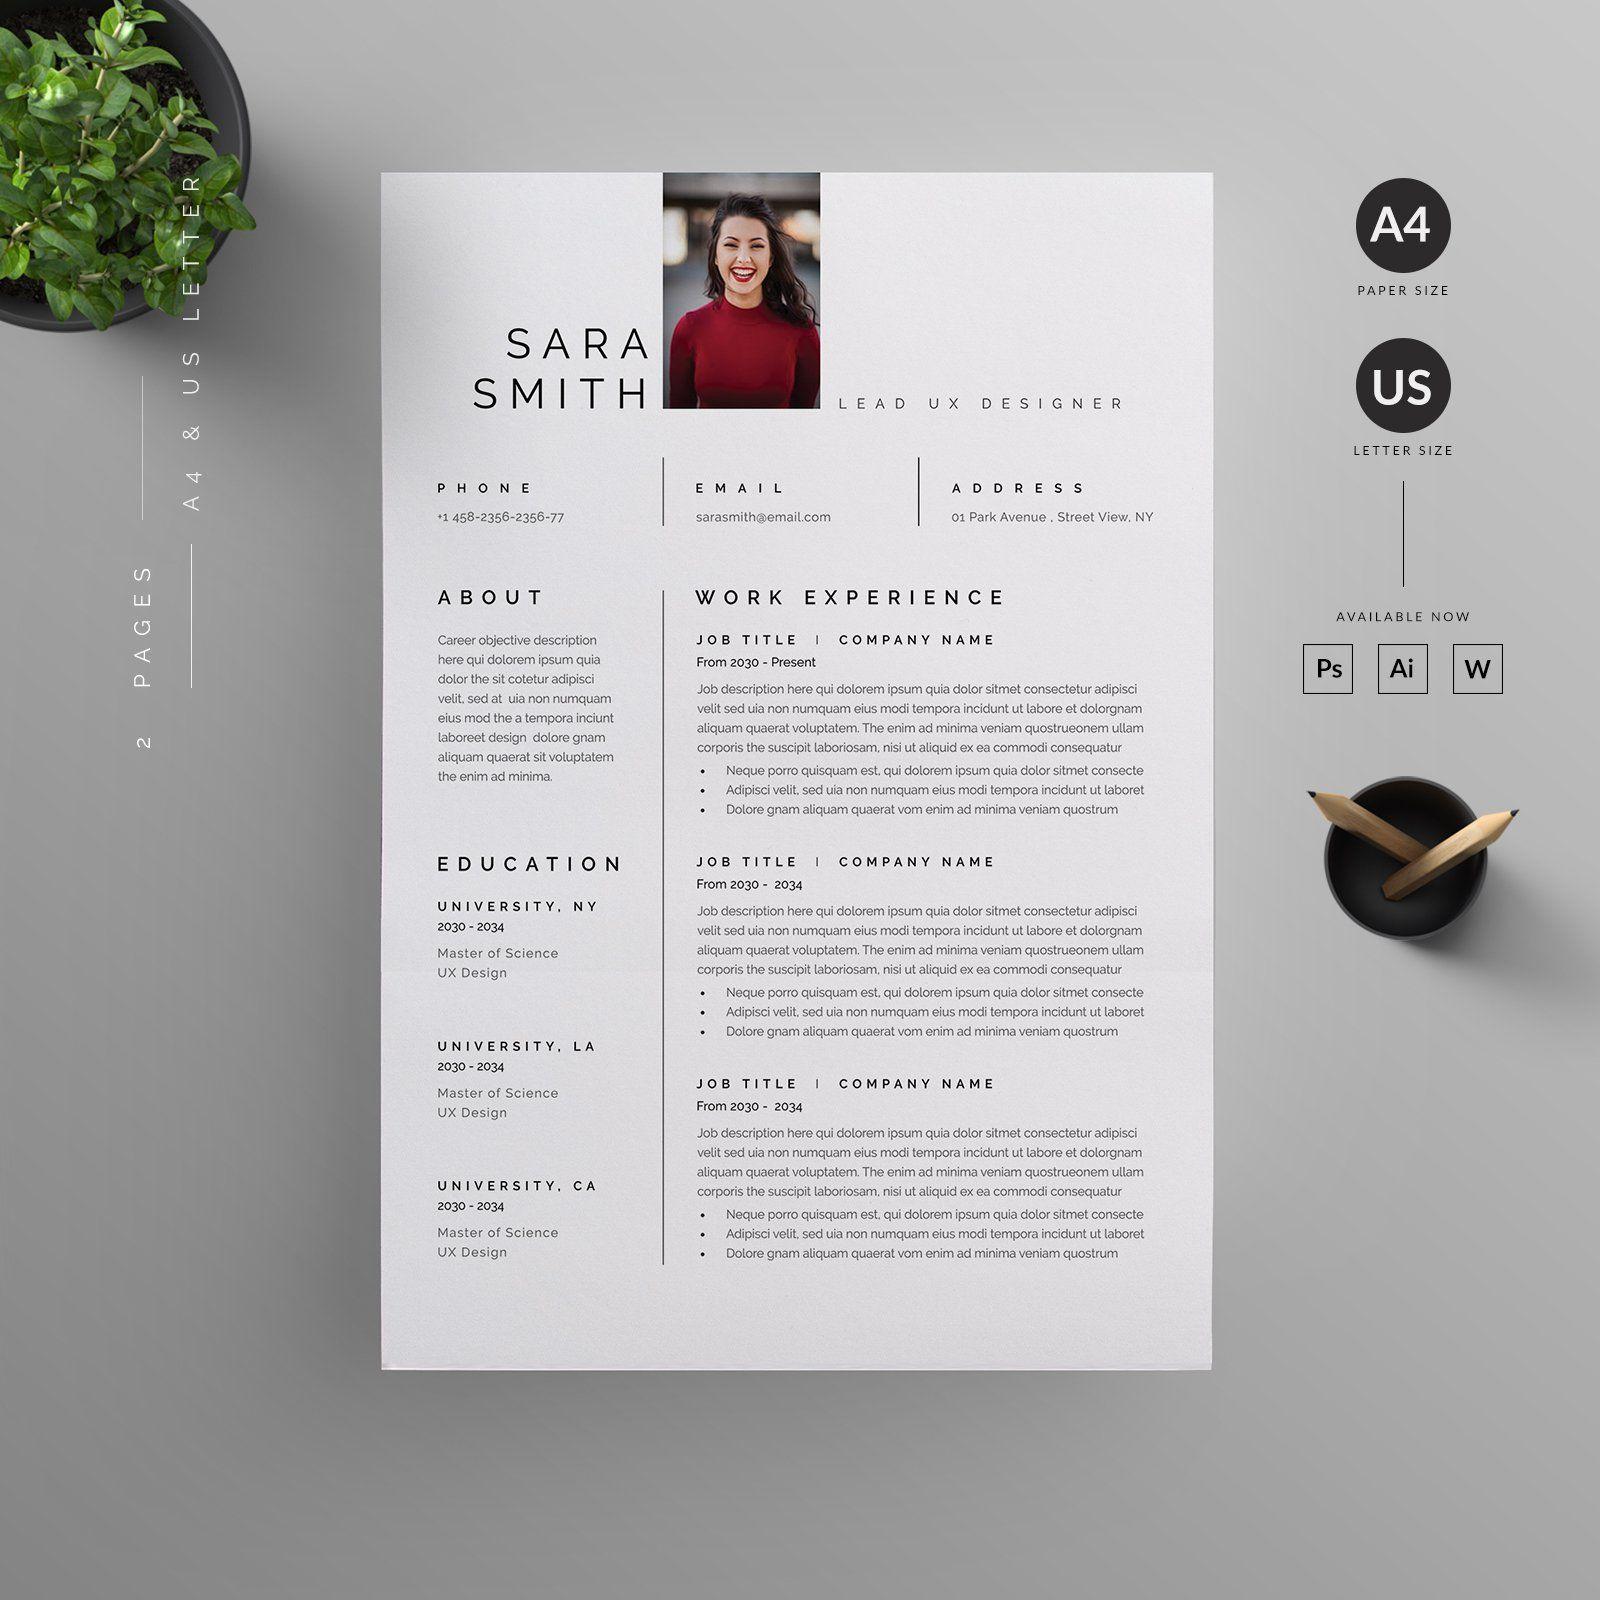 Resume/CV in 2020 Letterhead design, Resume cv, Resume